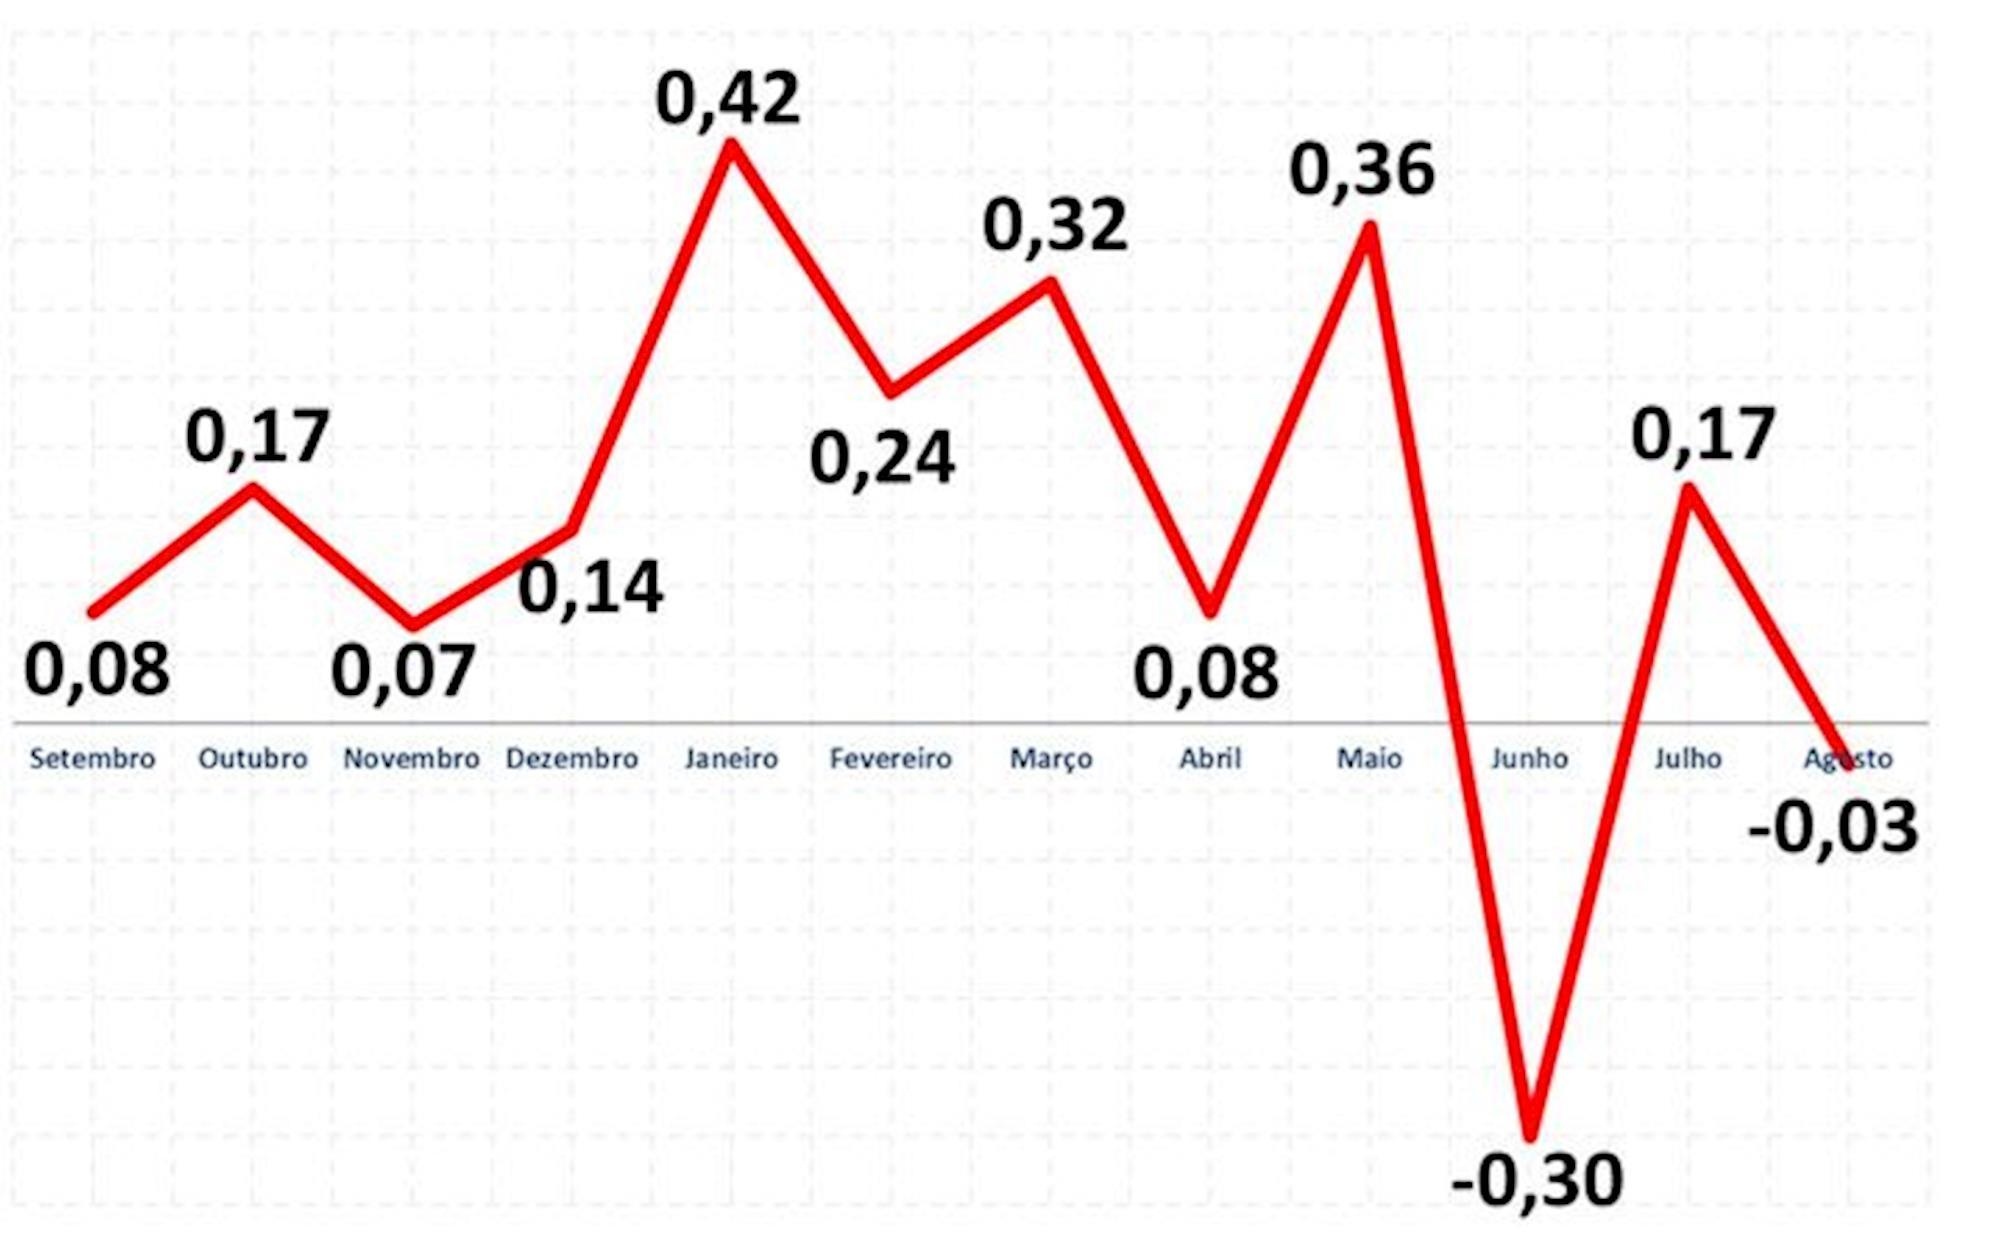 diesse, inflação, campanha, salarial, FONTE: Subseção Dieese/SMetal